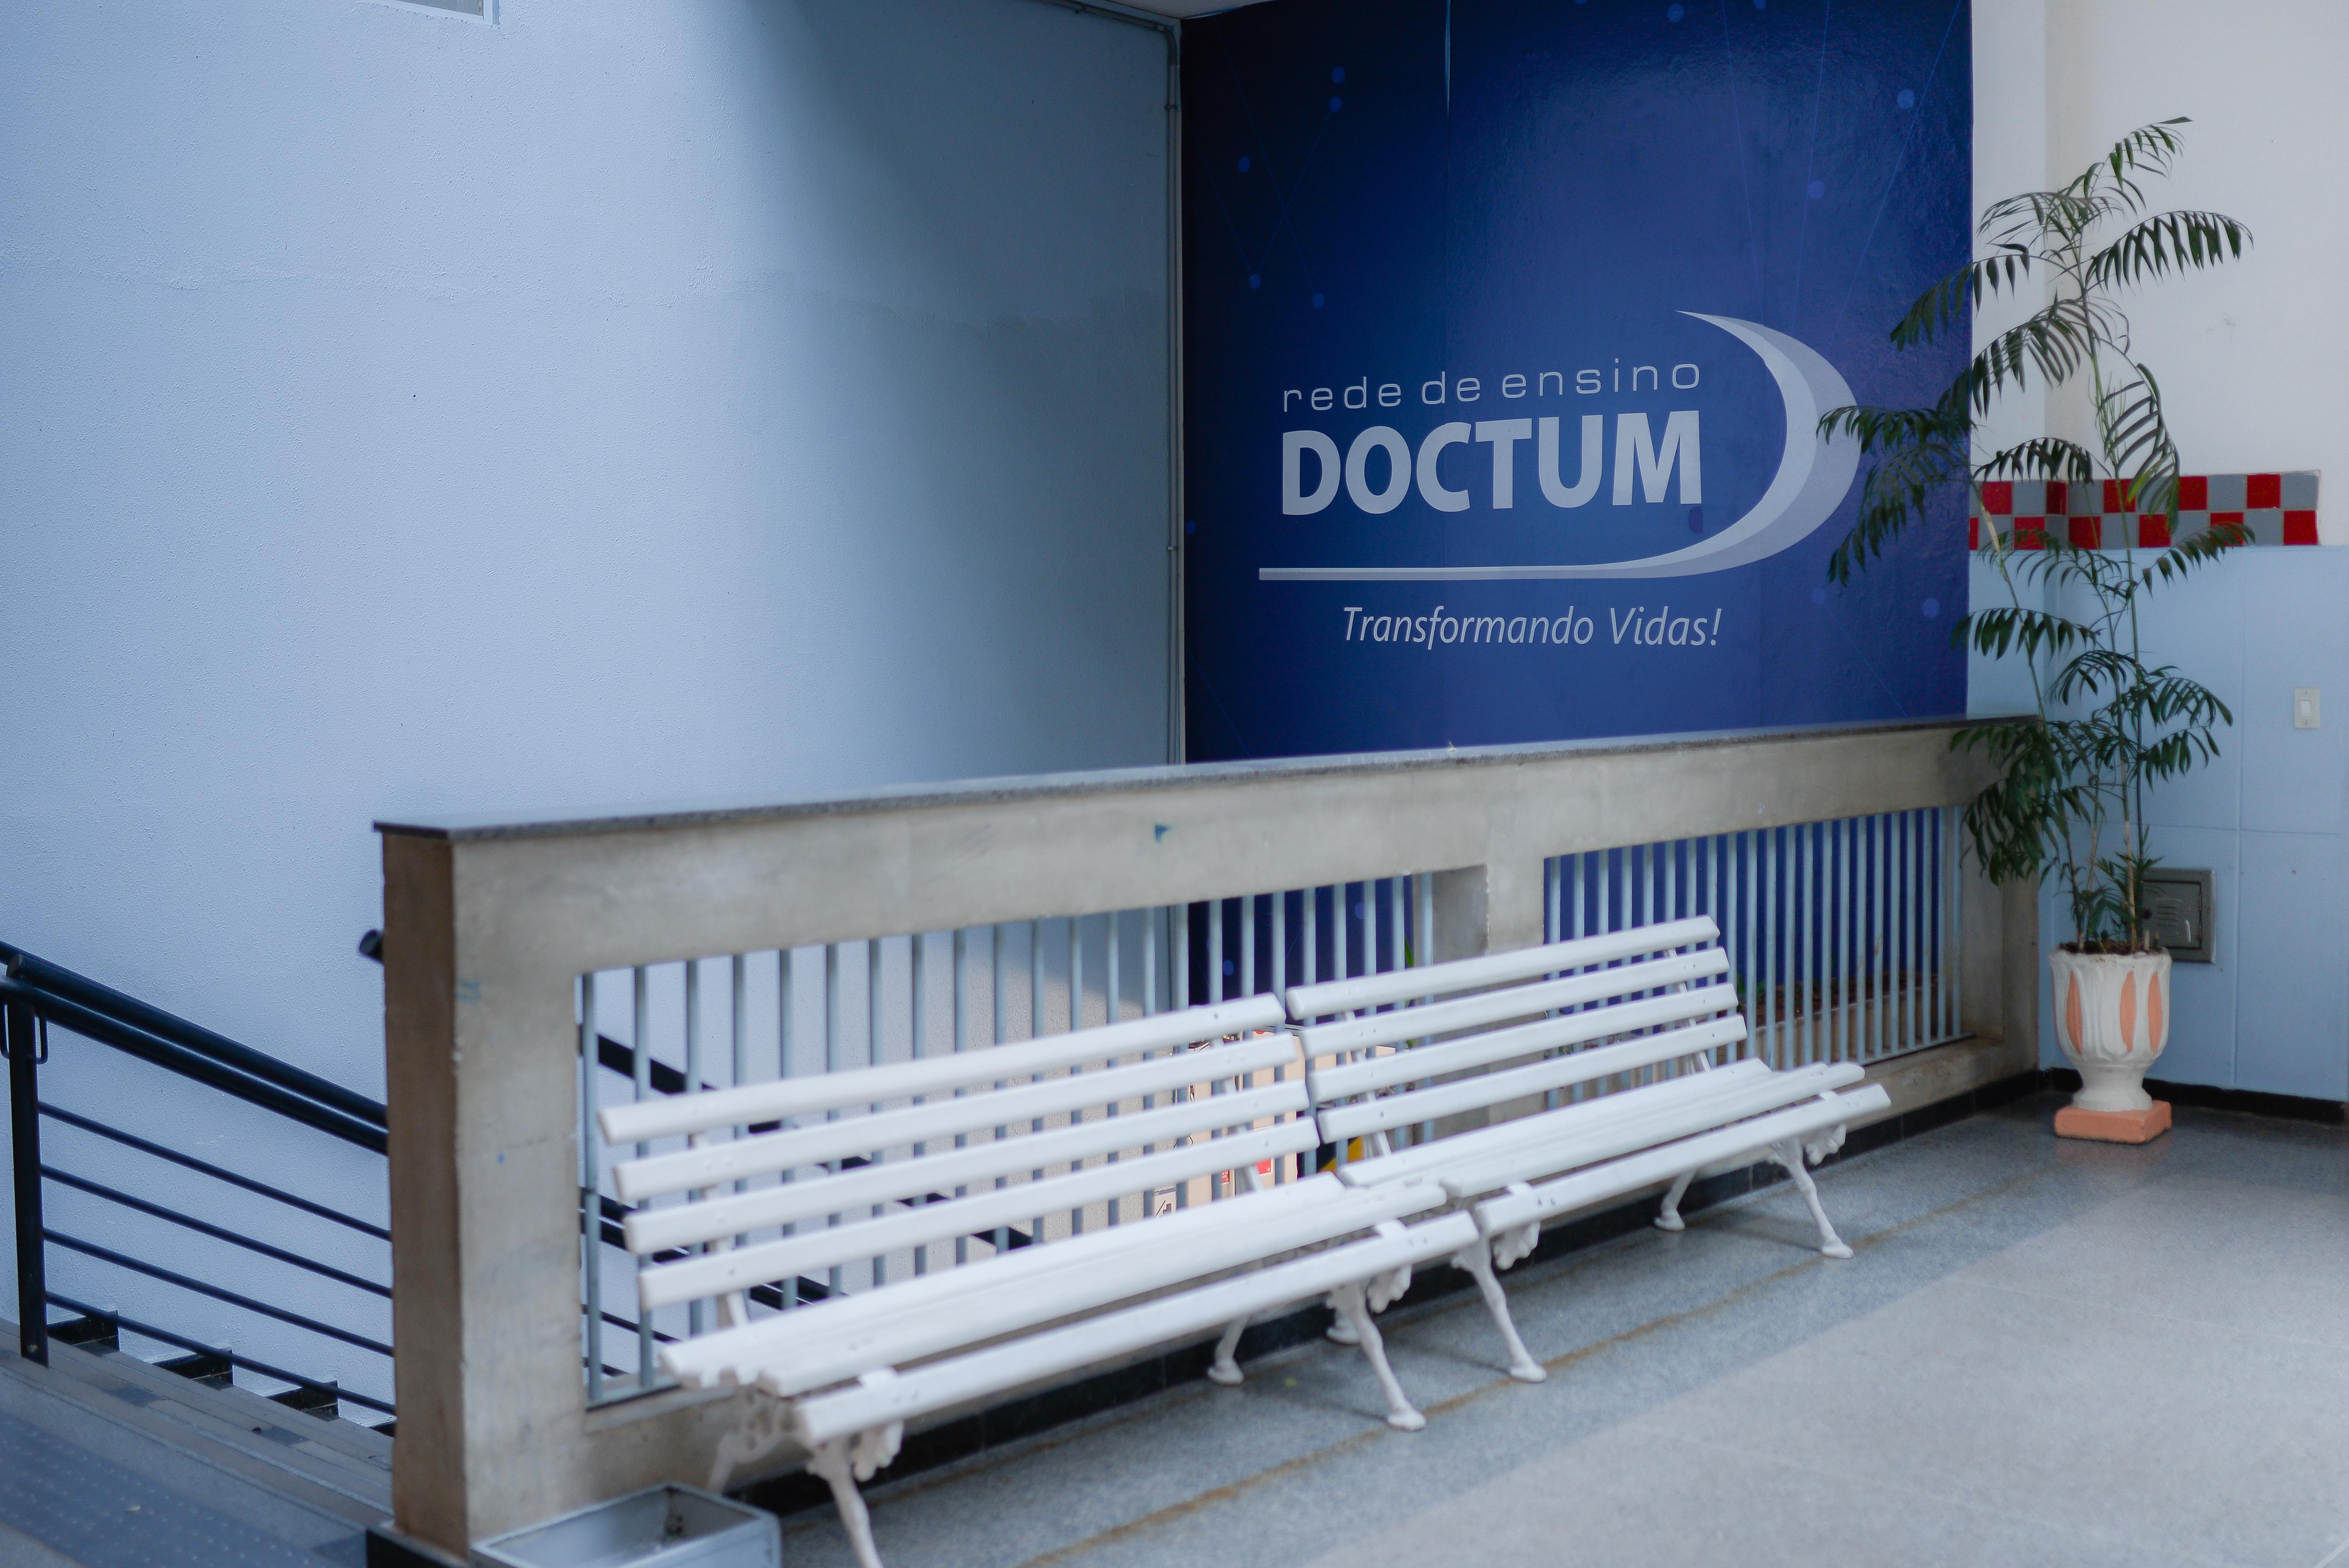 Doctum suspende aulas temporariamente como medida de prevenção ao coronavírus